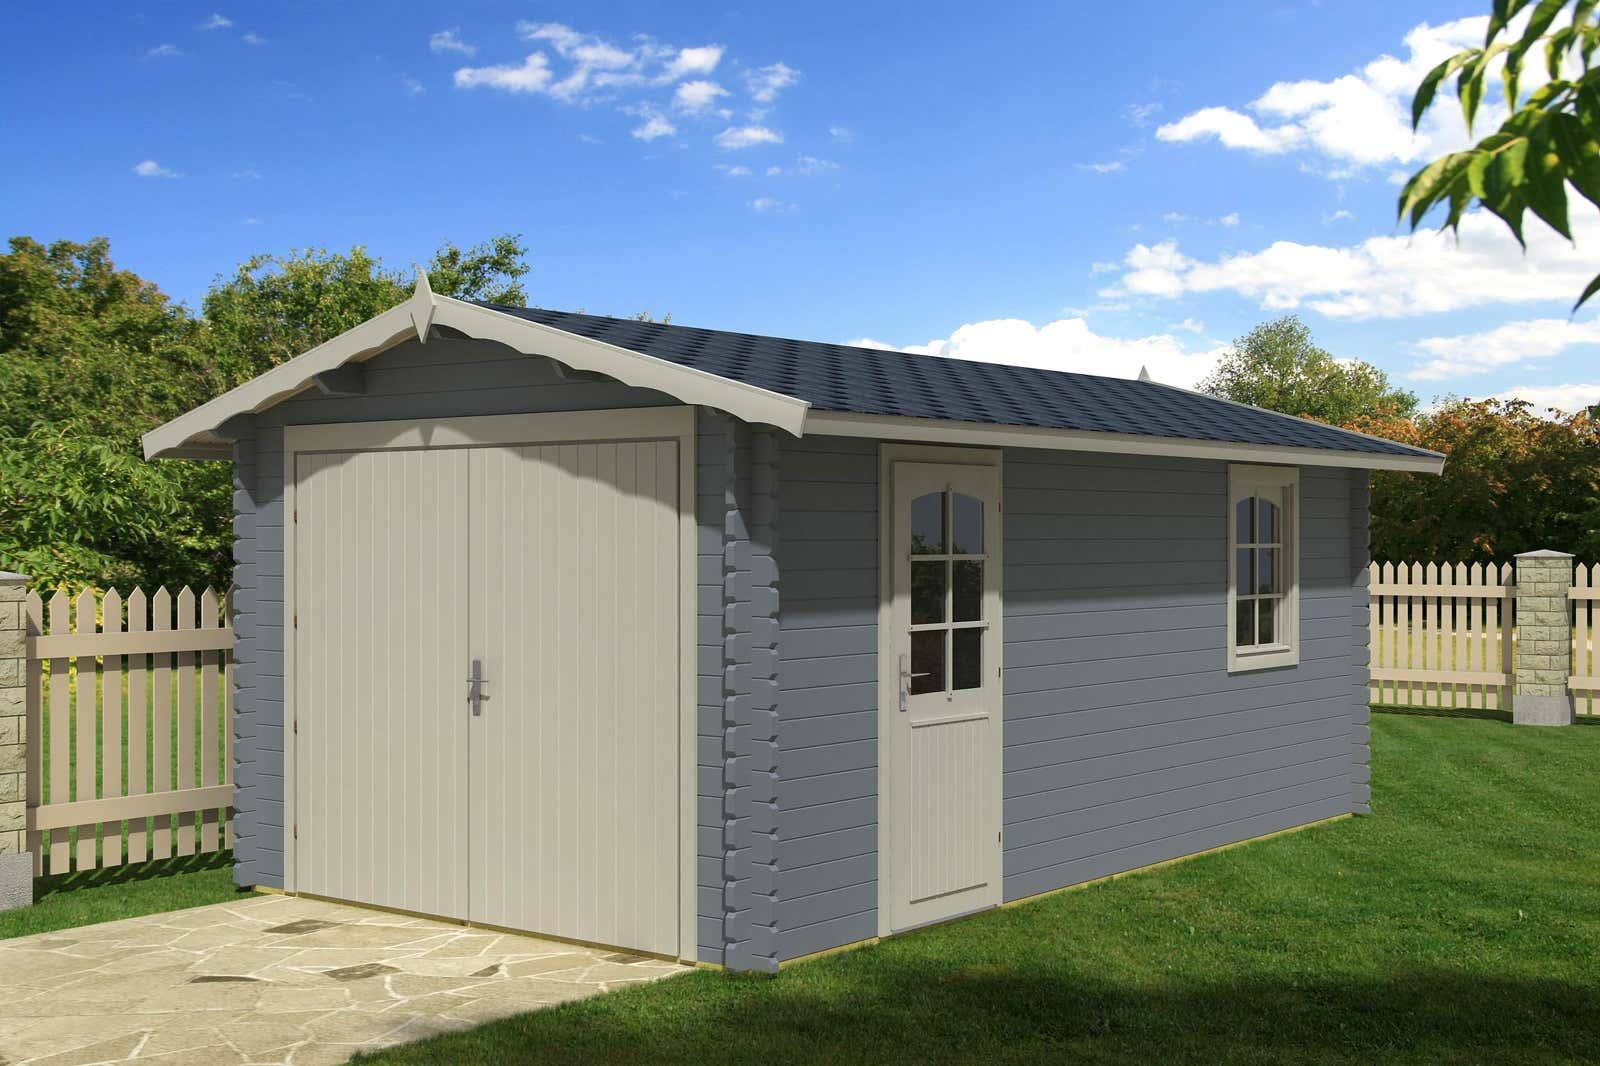 holzgaragen kaufen garagen aus holz bis zu 20 reduziert. Black Bedroom Furniture Sets. Home Design Ideas